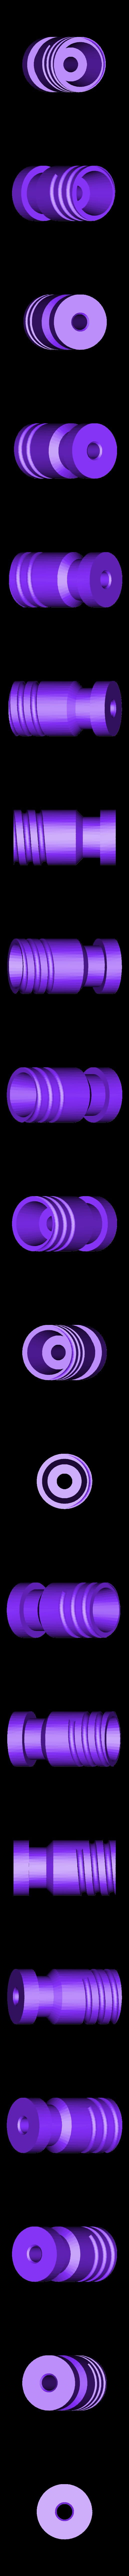 ADAPTER_1.75.STL Télécharger fichier STL gratuit Adaptateur Bowden • Plan imprimable en 3D, daGHIZmo